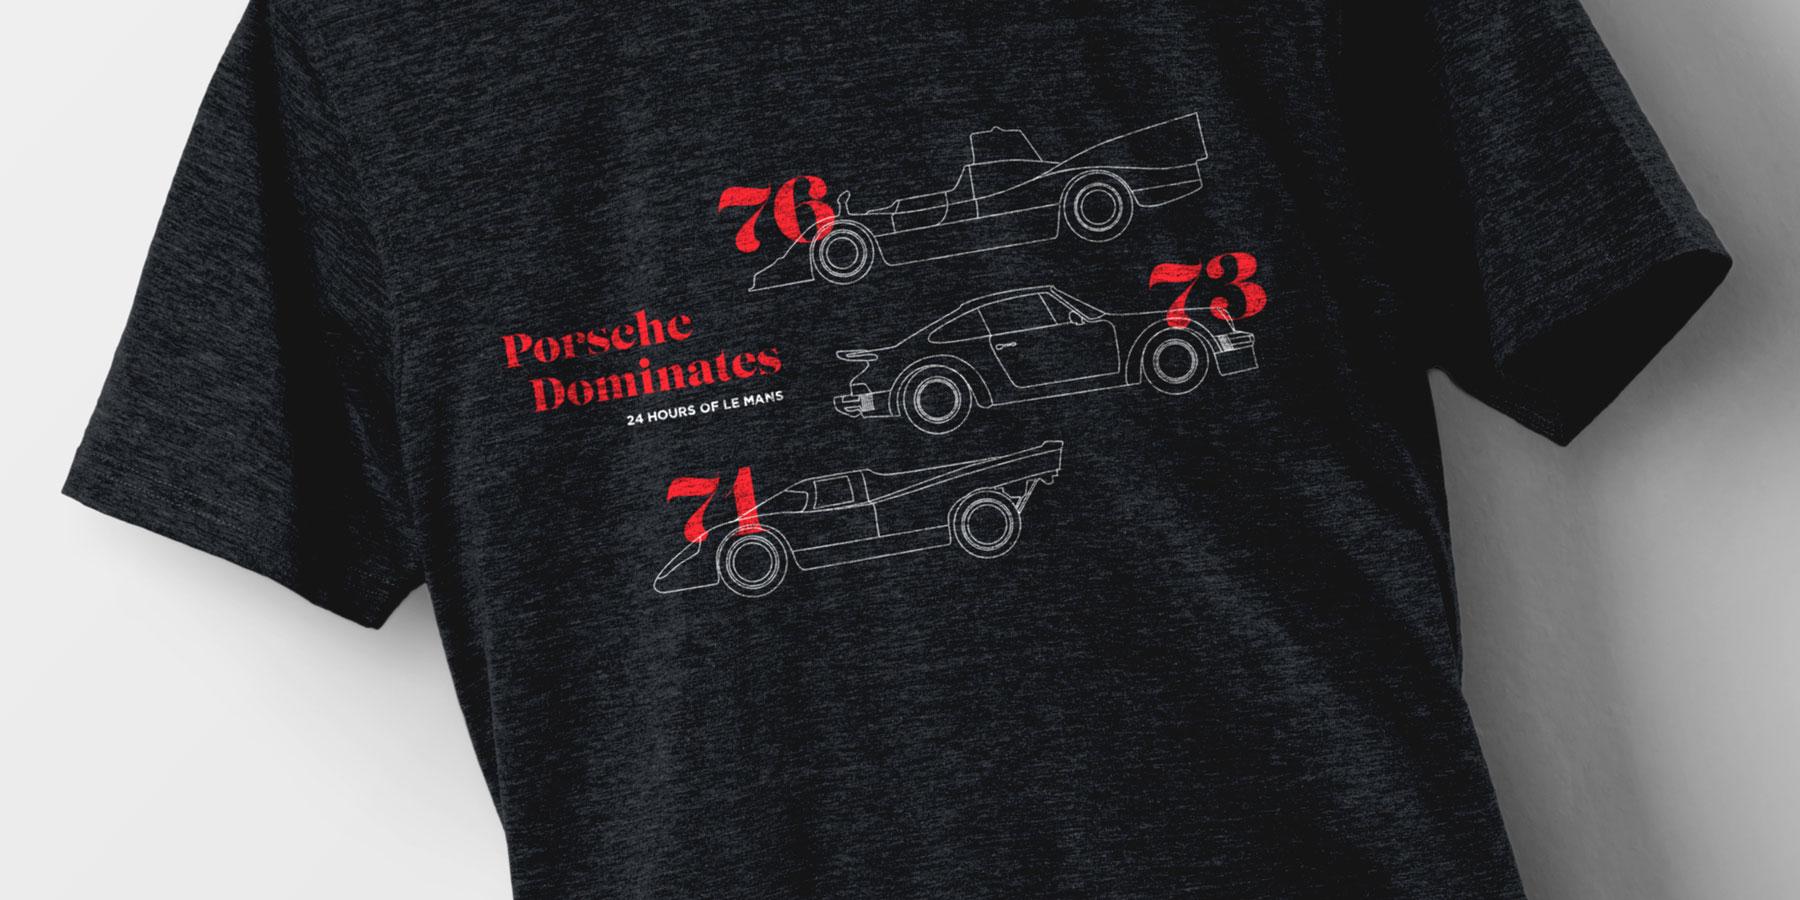 PorscheTshirt8